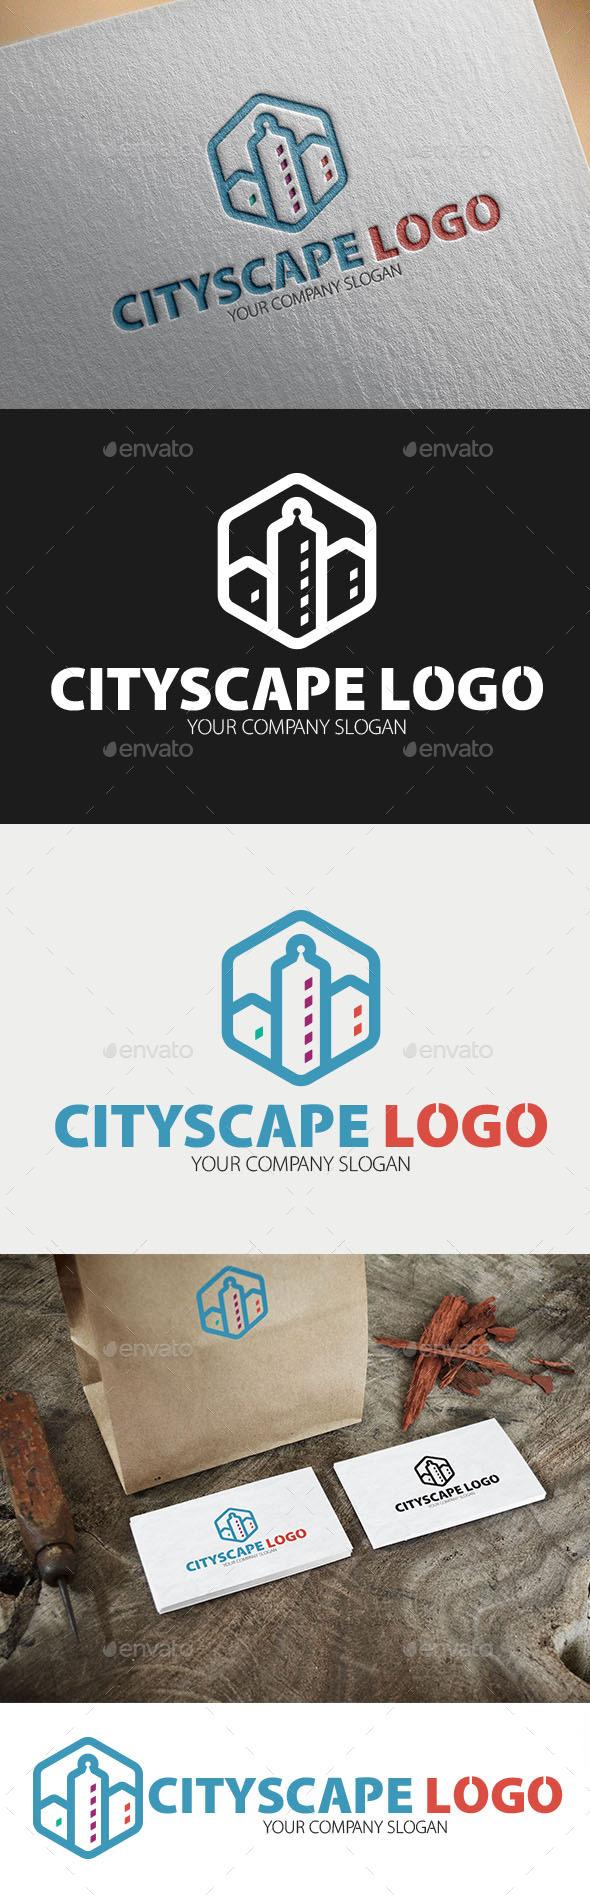 GraphicRiver Cityscape Logo Template 10997502